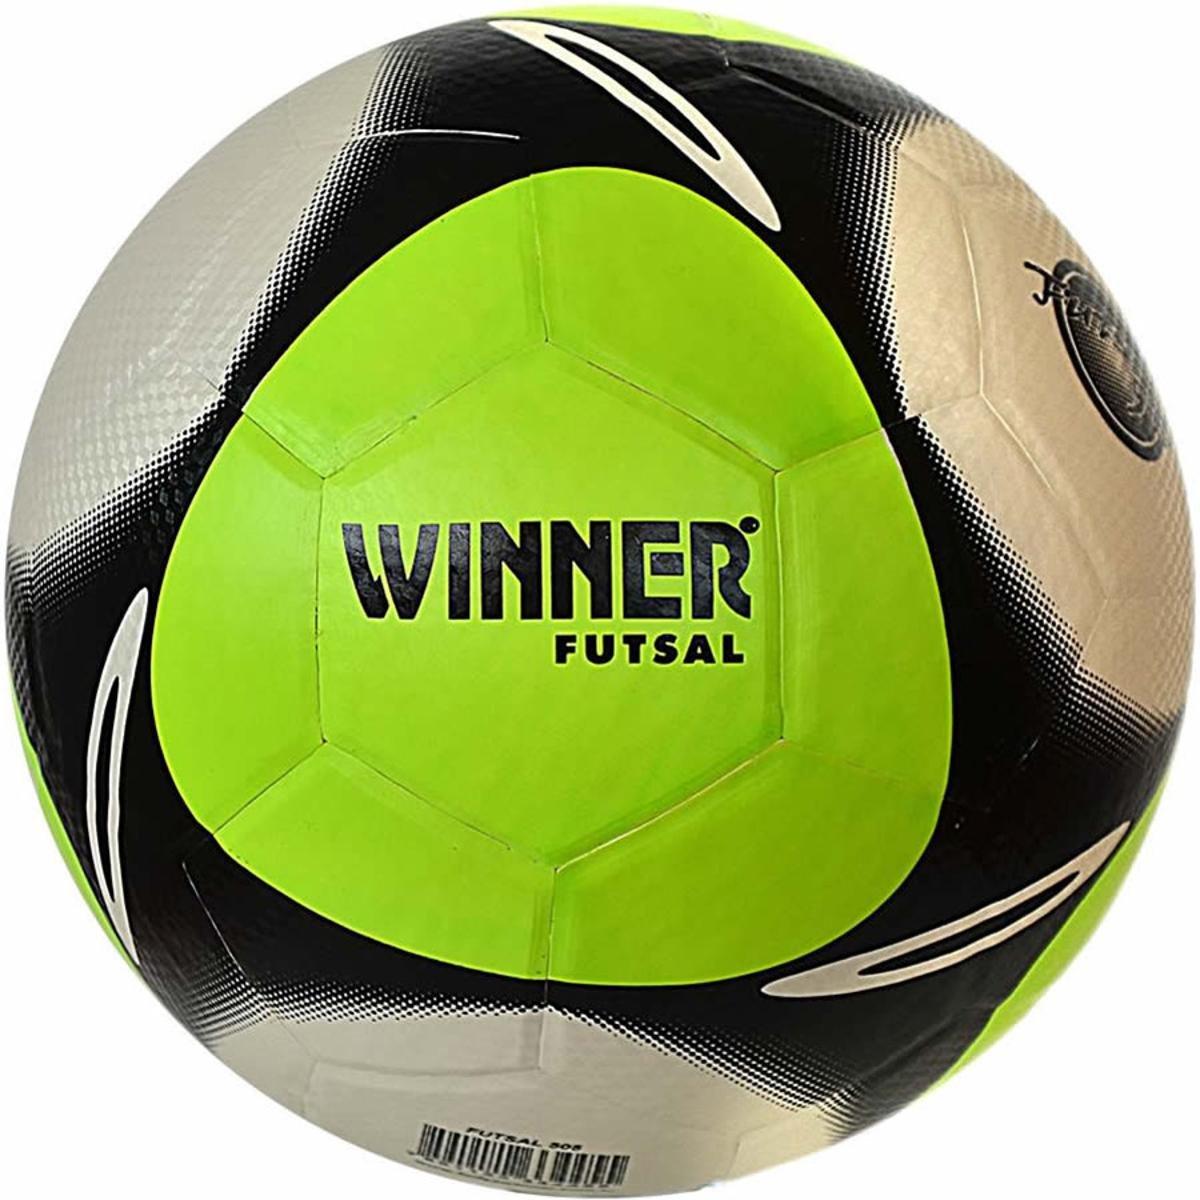 ffc014044e Bola de Futsal Cubic Winner - Compre Agora